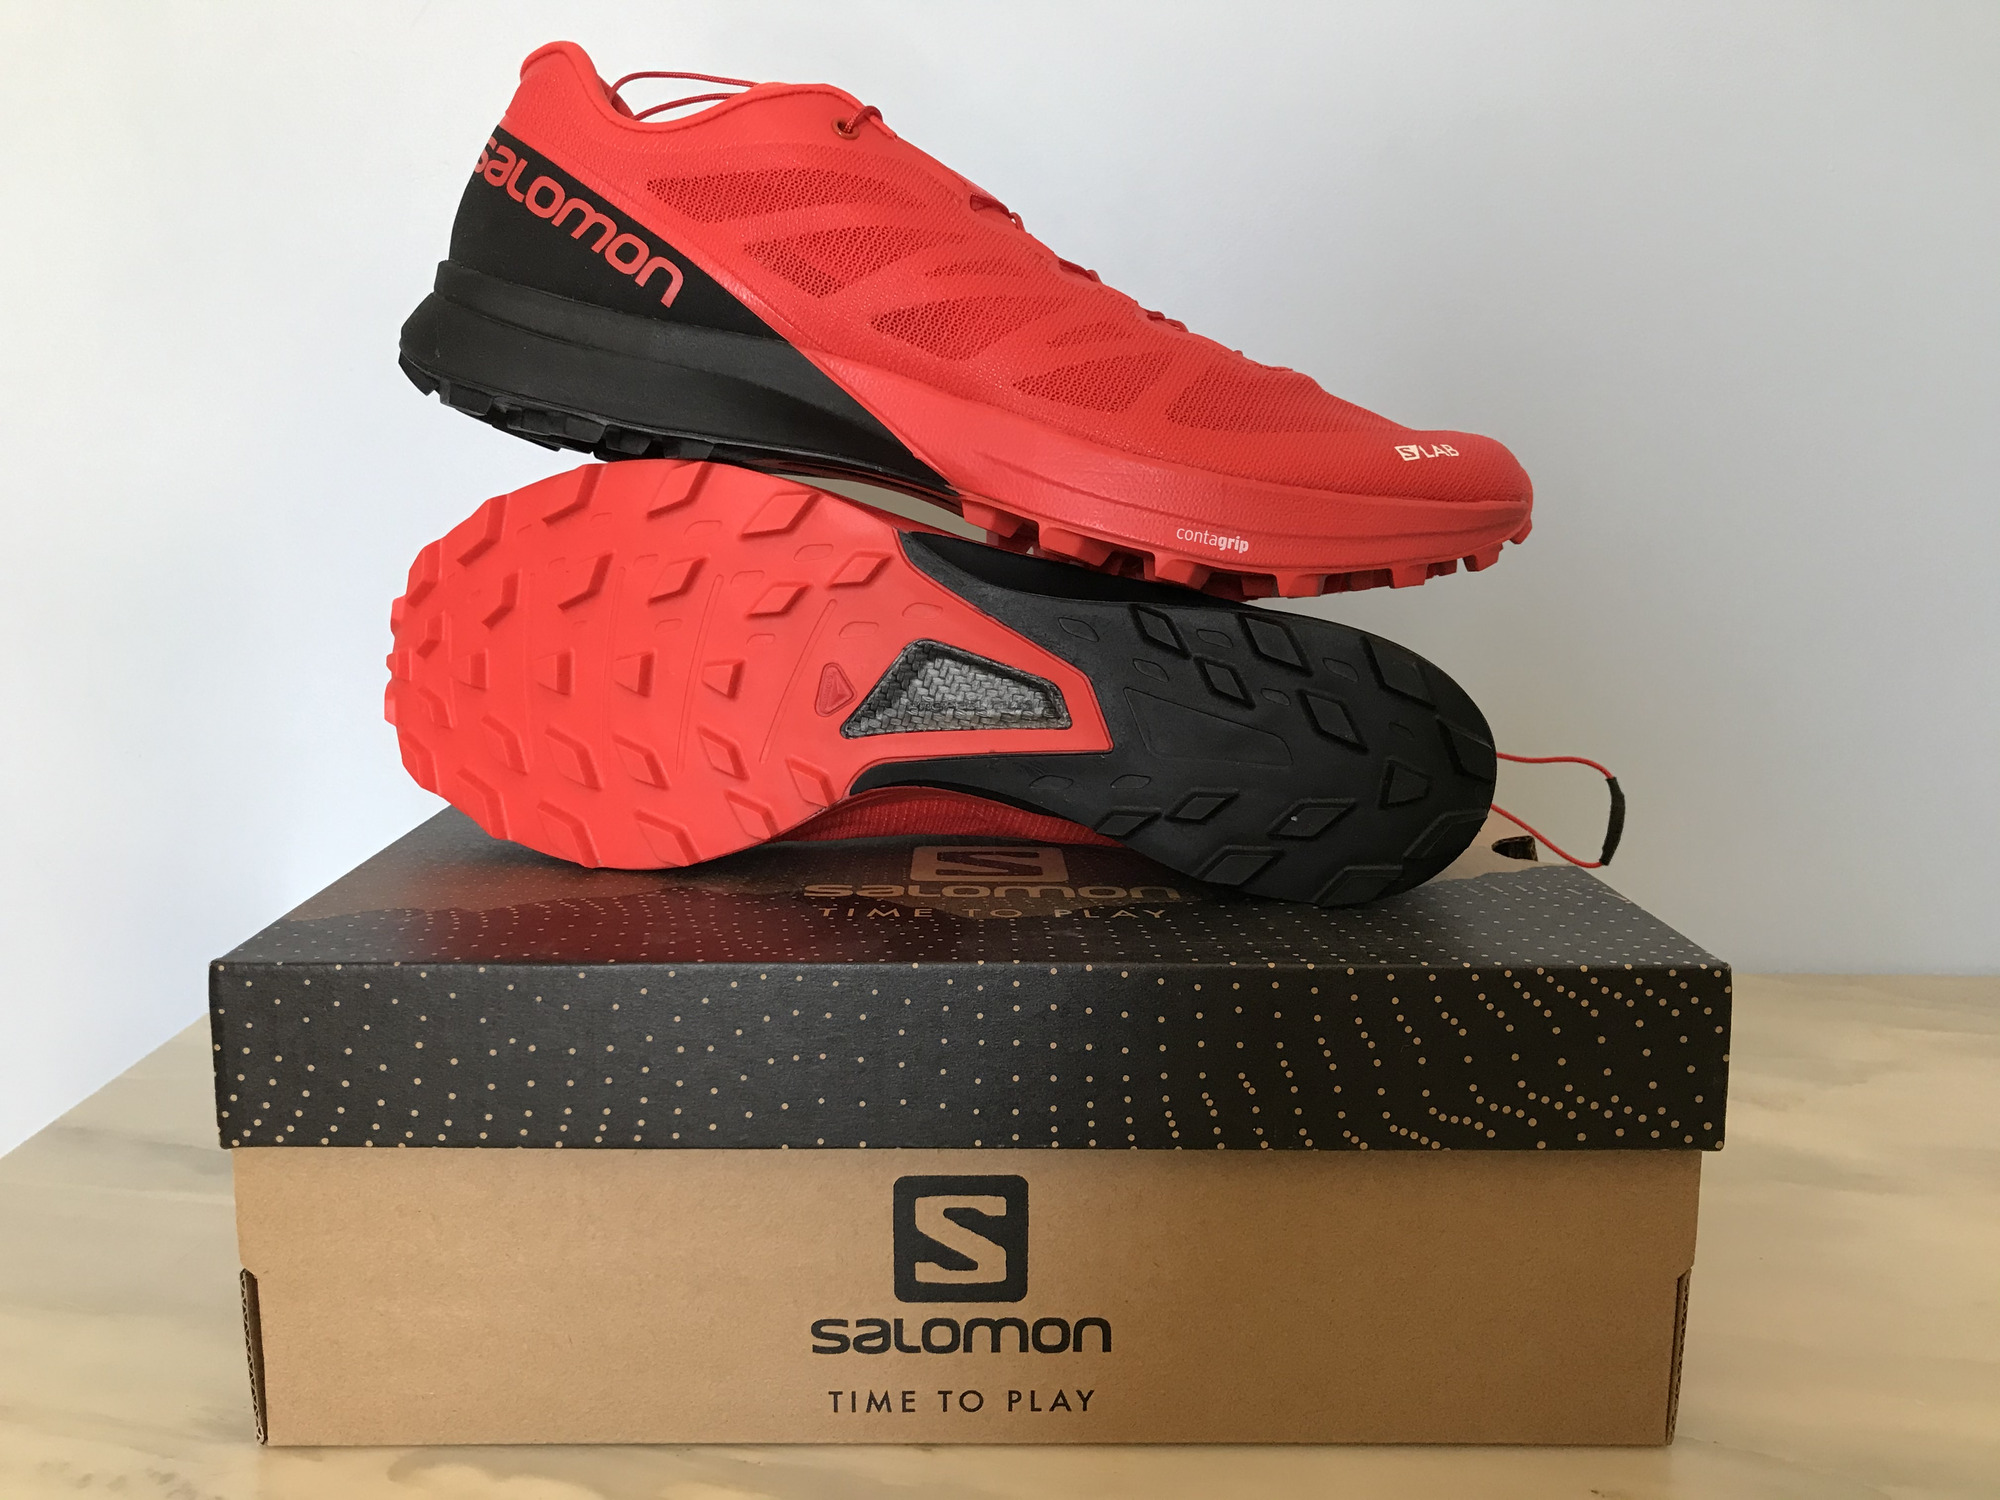 Salomon S/Lab S lab Sense 7 SG